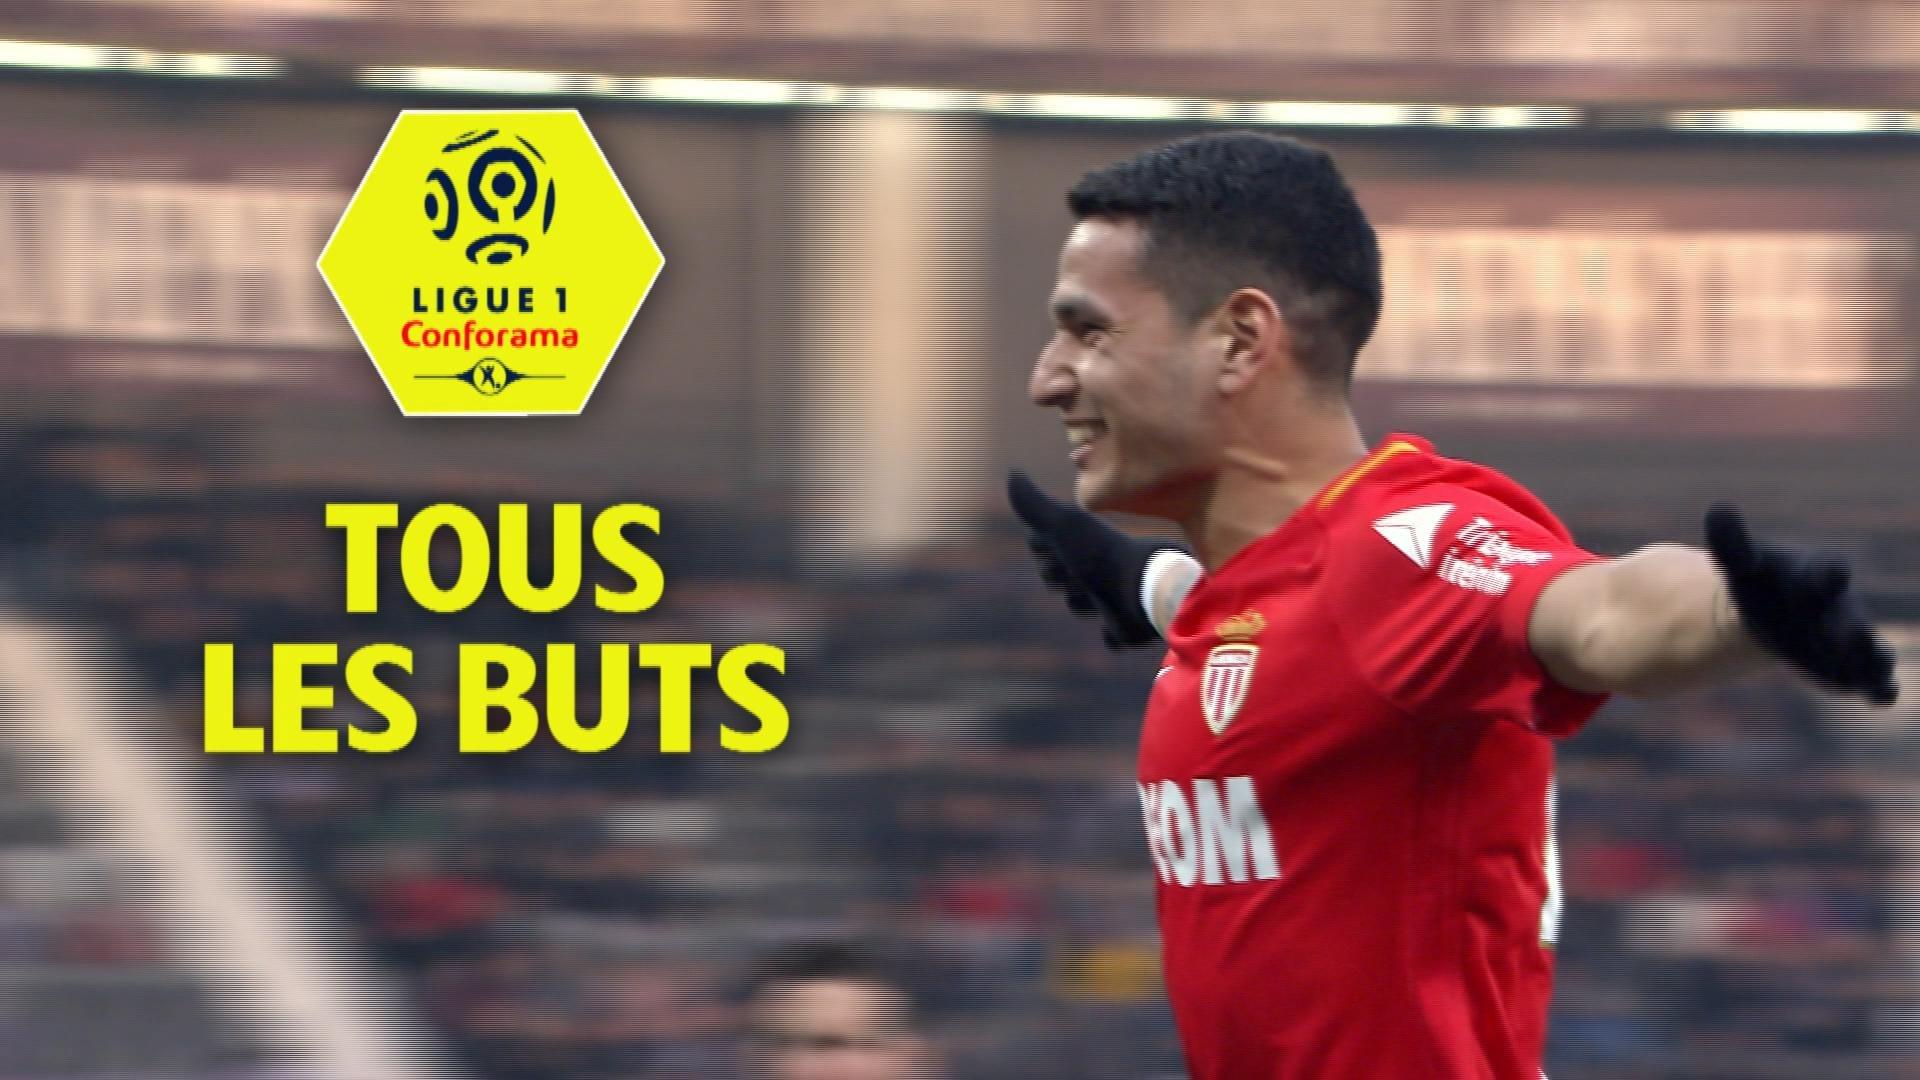 Tous les buts de la 27ème journée - Ligue 1 Conforama / 2017-18